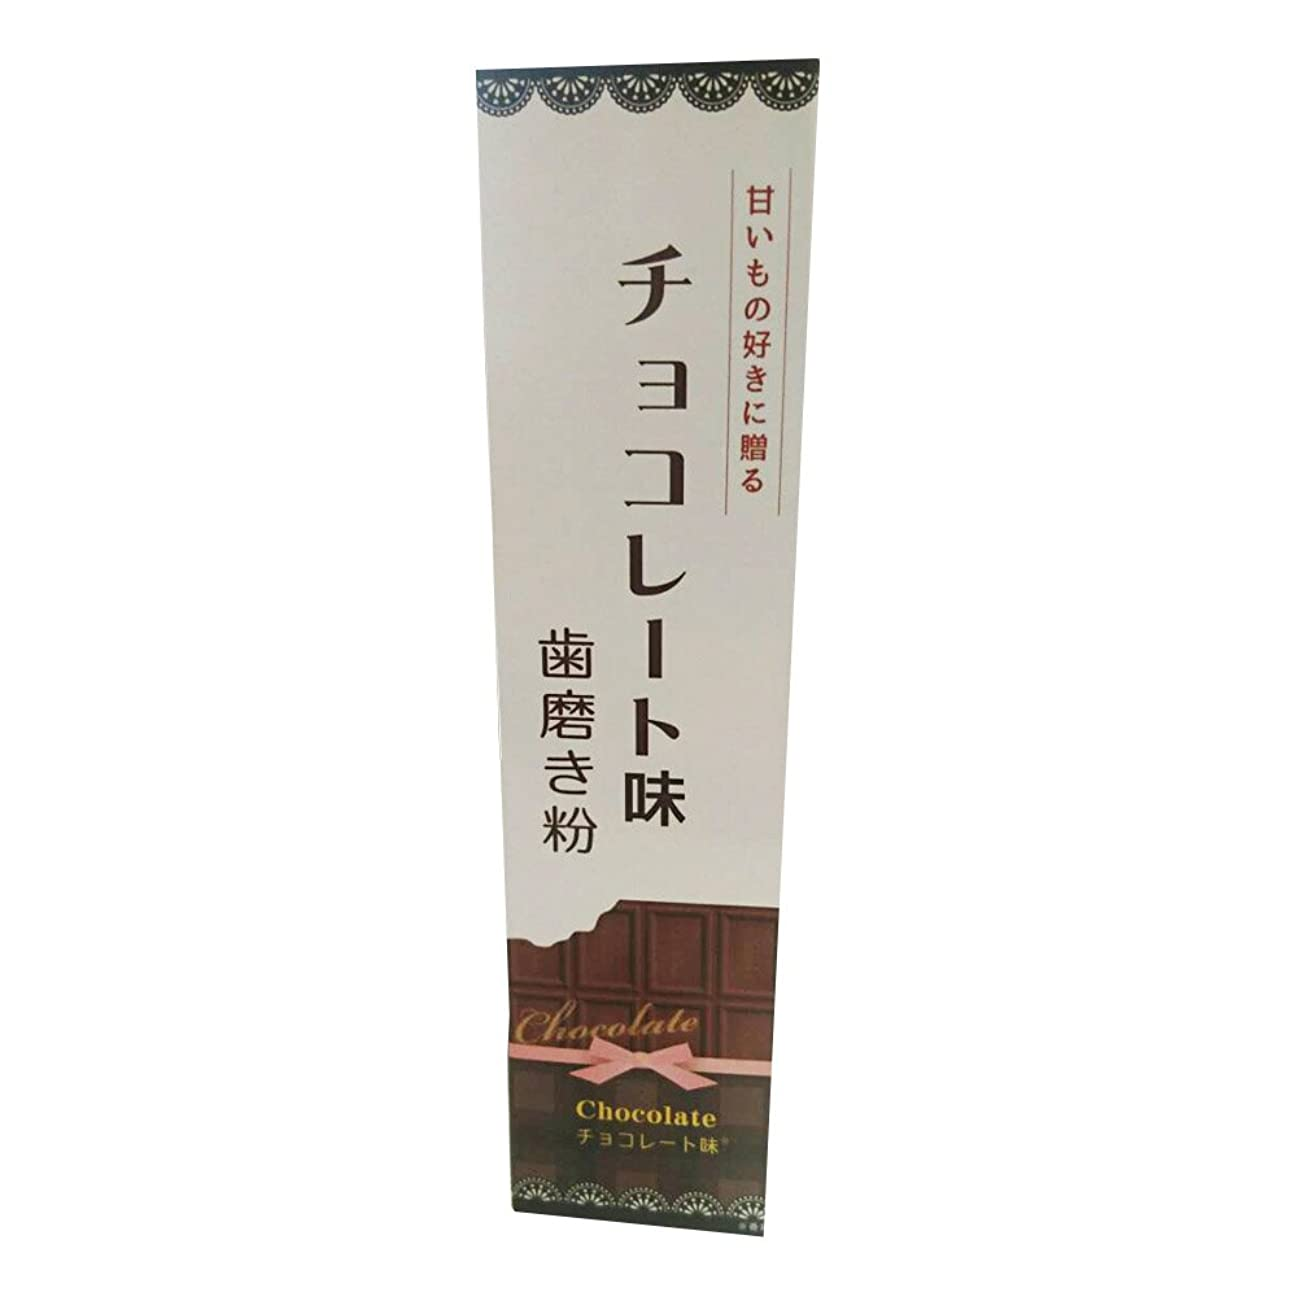 頑丈許すアーティキュレーションフレーバー歯磨き粉チョコレート味 70g